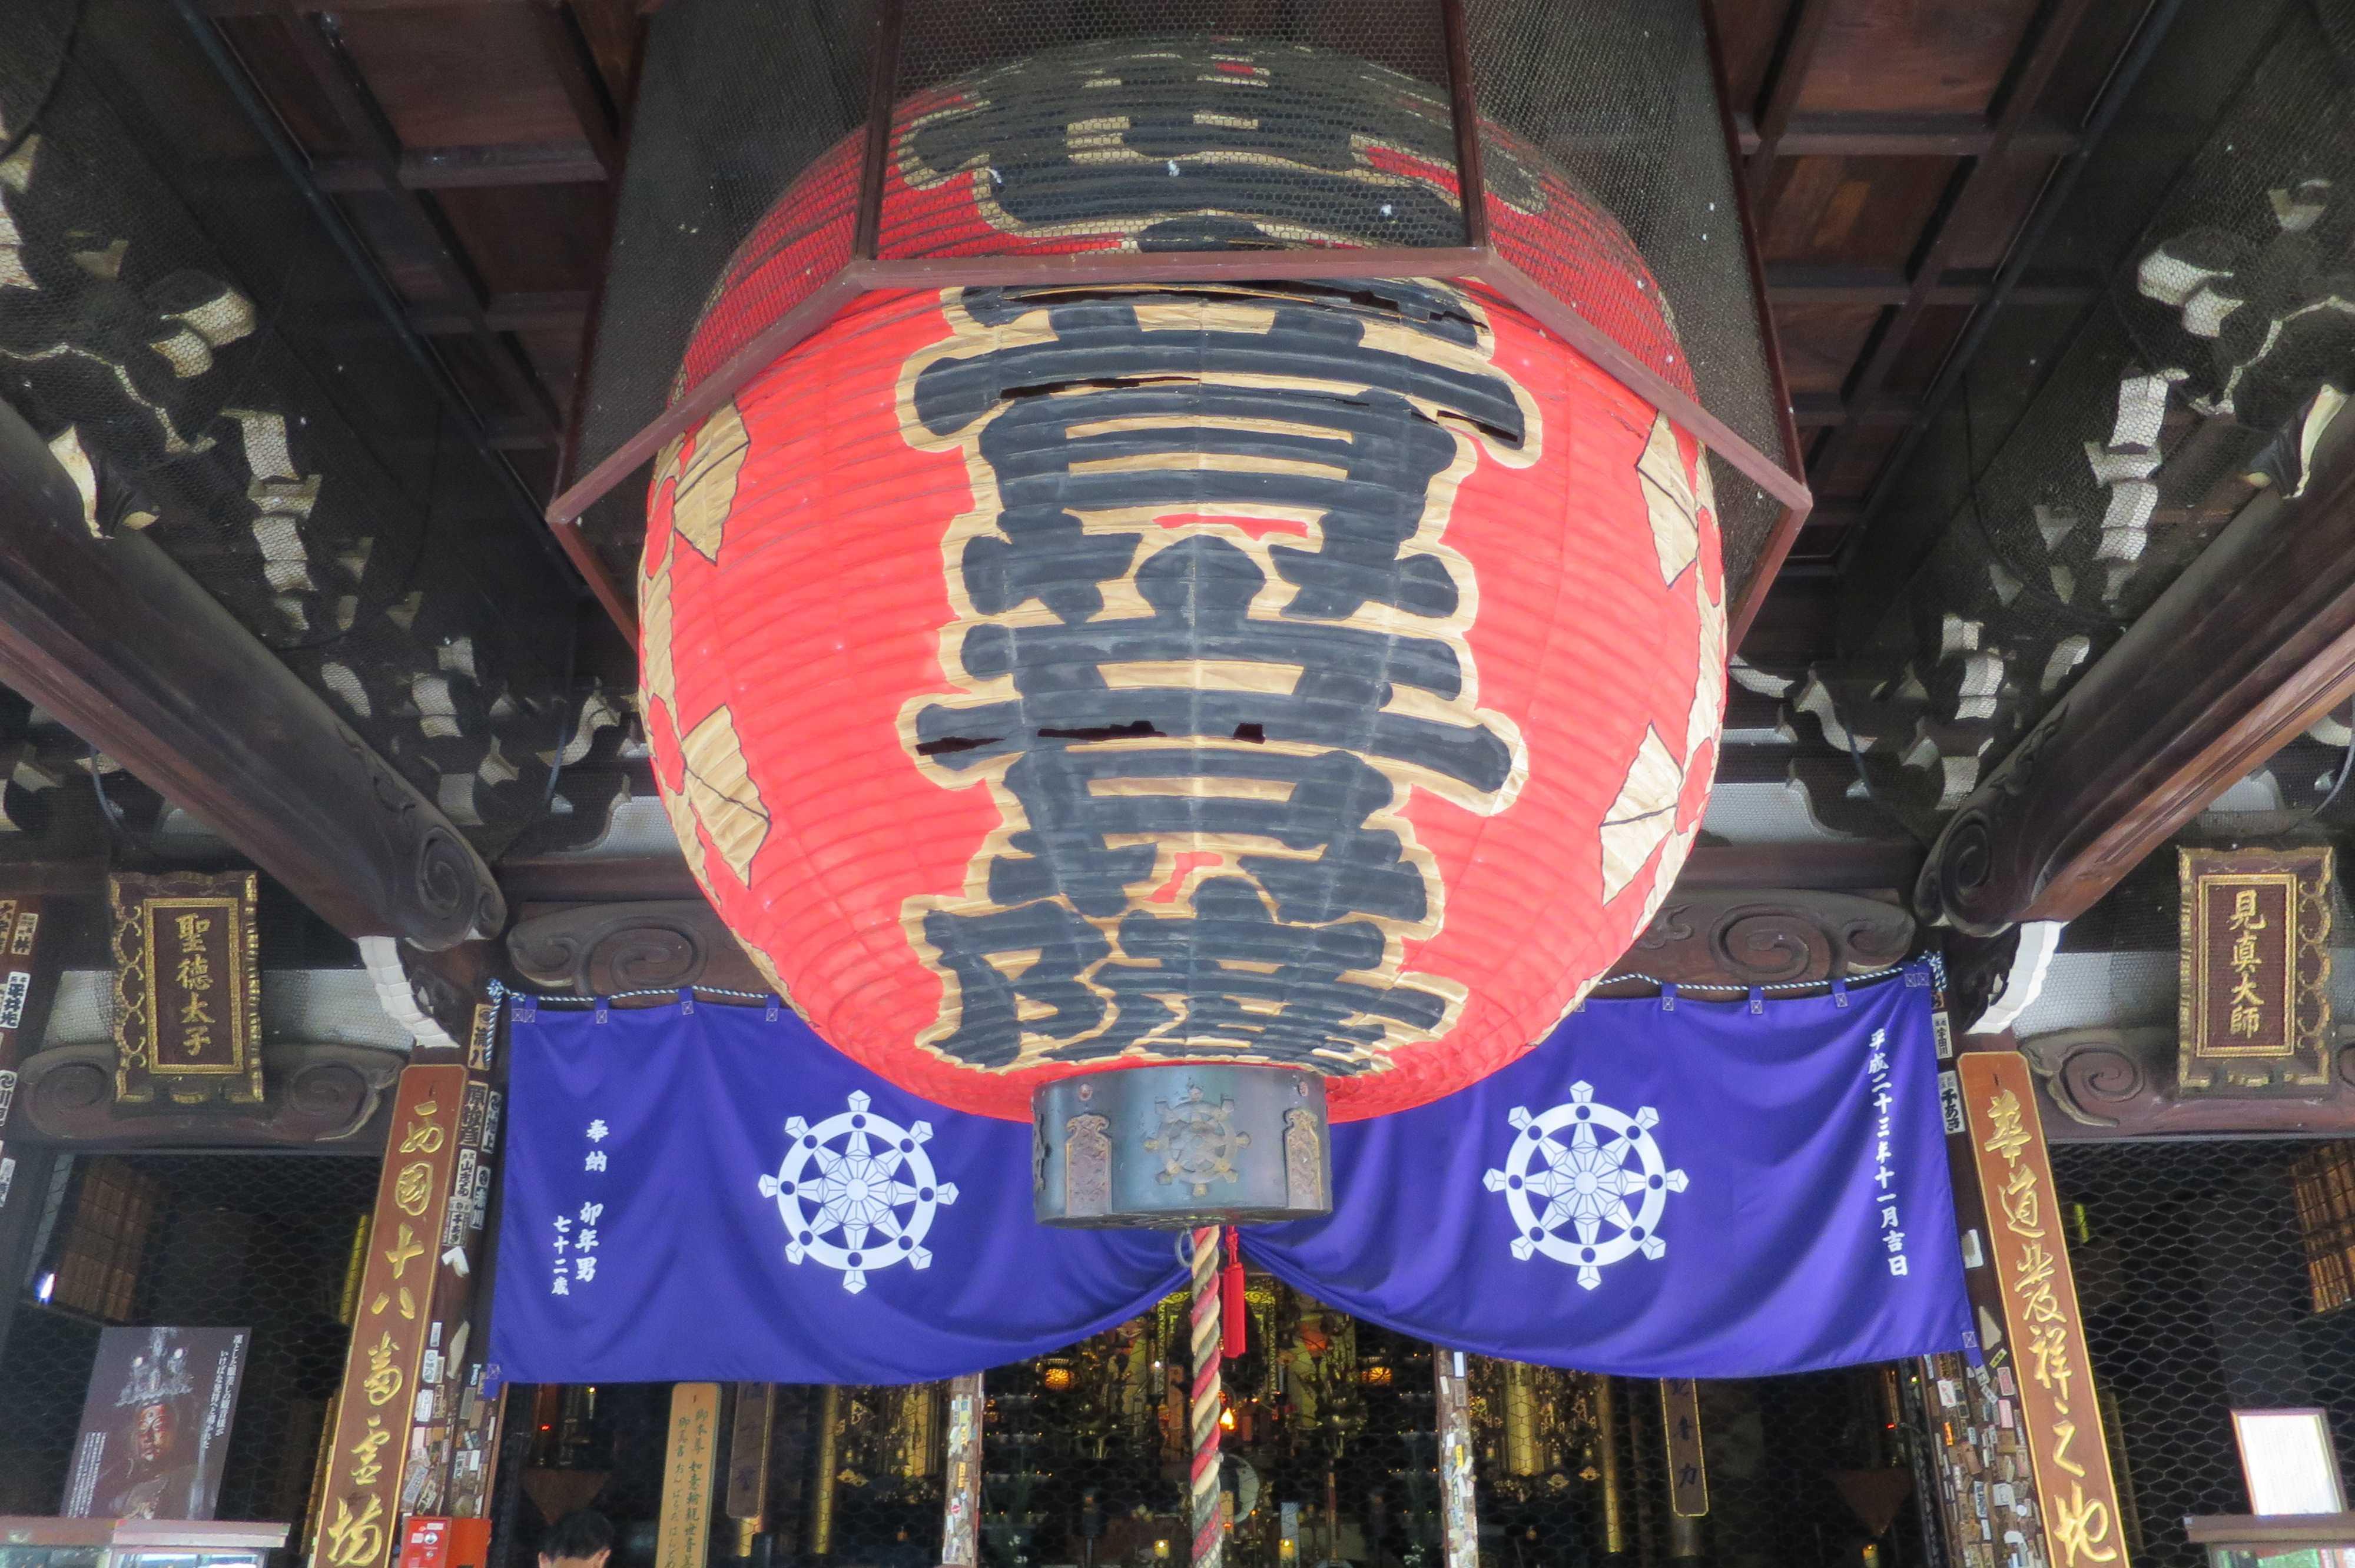 京都・六角堂本堂の赤い大提灯